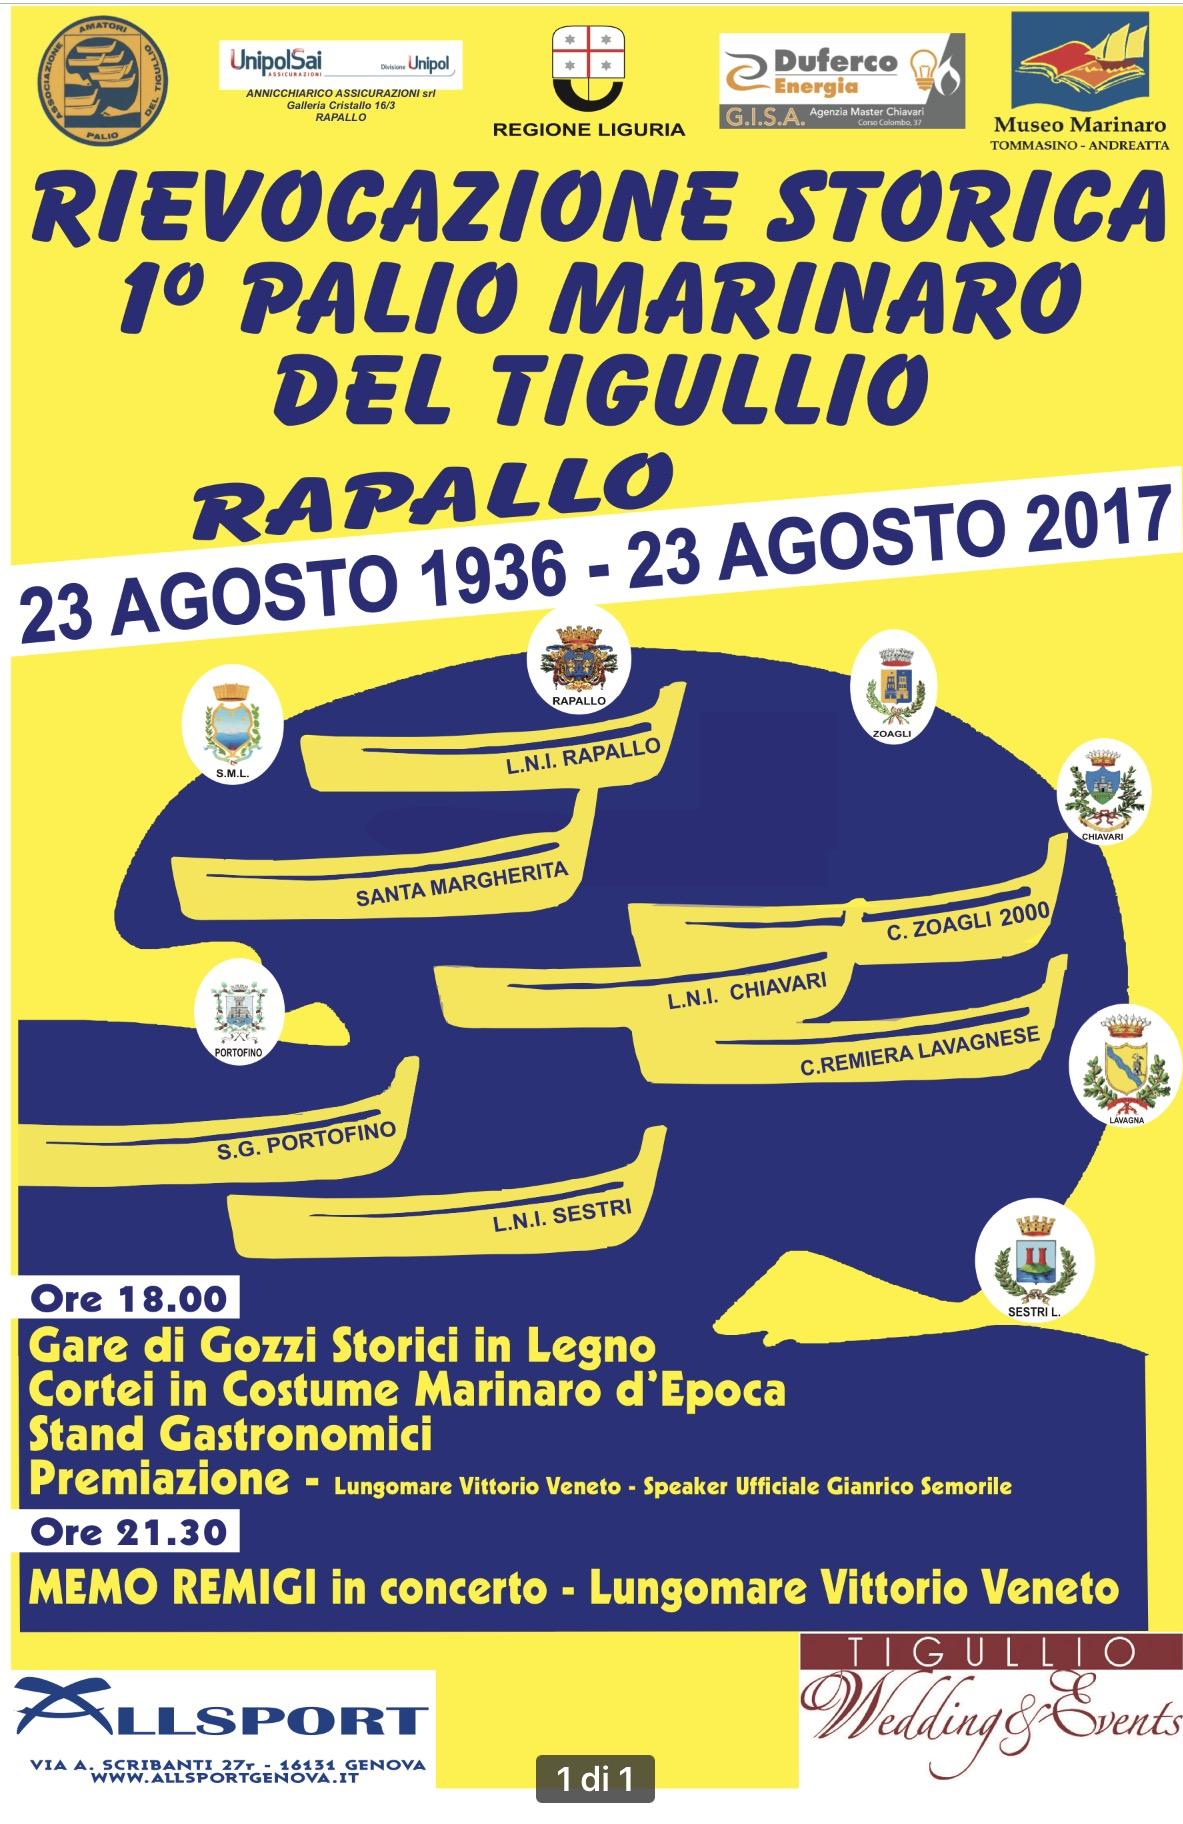 2° edizione per la Rievocazione storica del Palio Marinaro del Tigullio e concerti Memo Remigi e Gioacchino Costa.